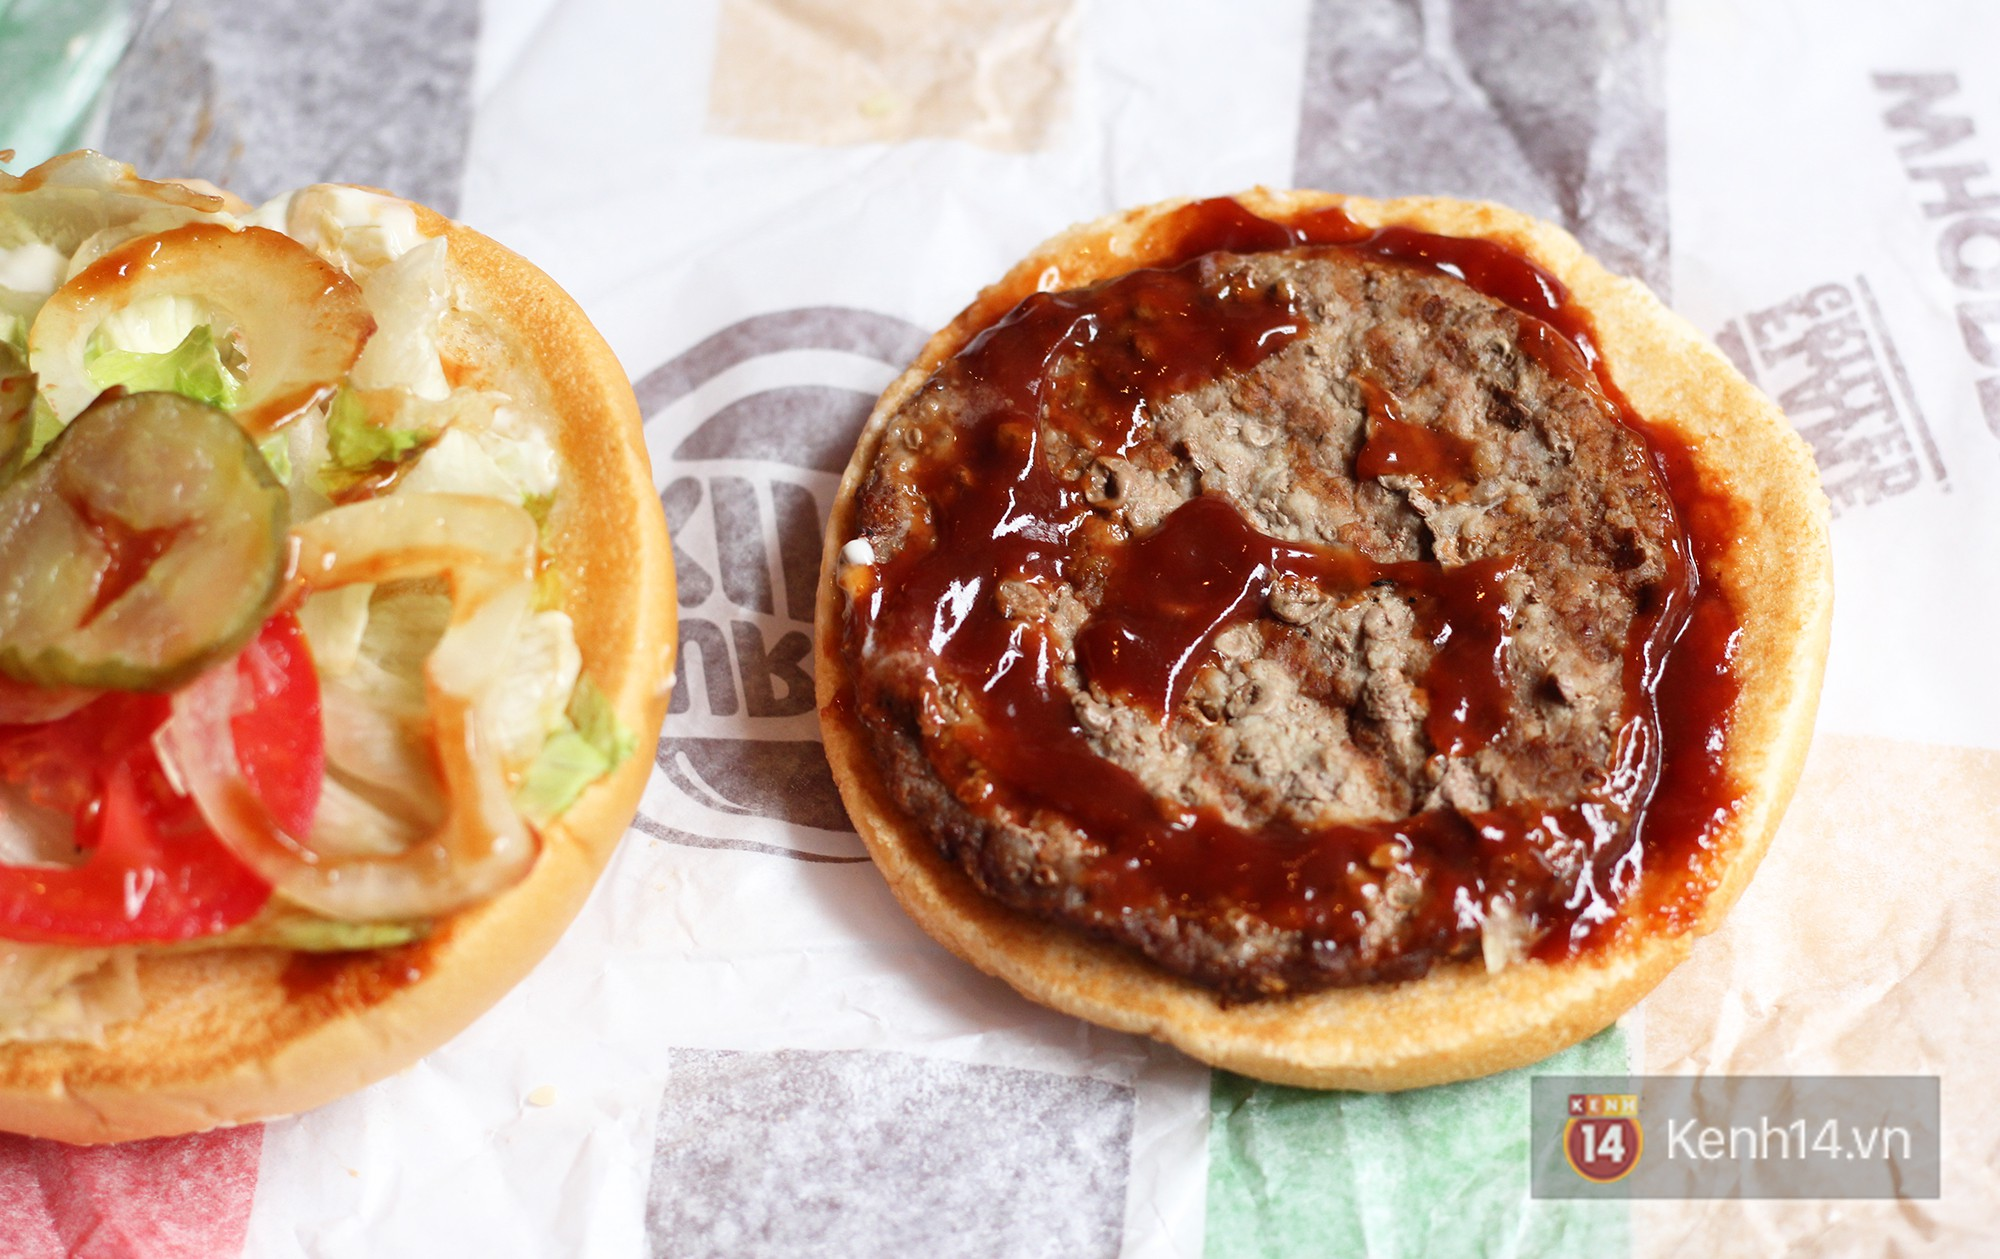 Xem sự khác biệt giữa quảng cáo và thực tế của burger ở Việt Nam để thấy đúng là đời không như mơ - Ảnh 8.